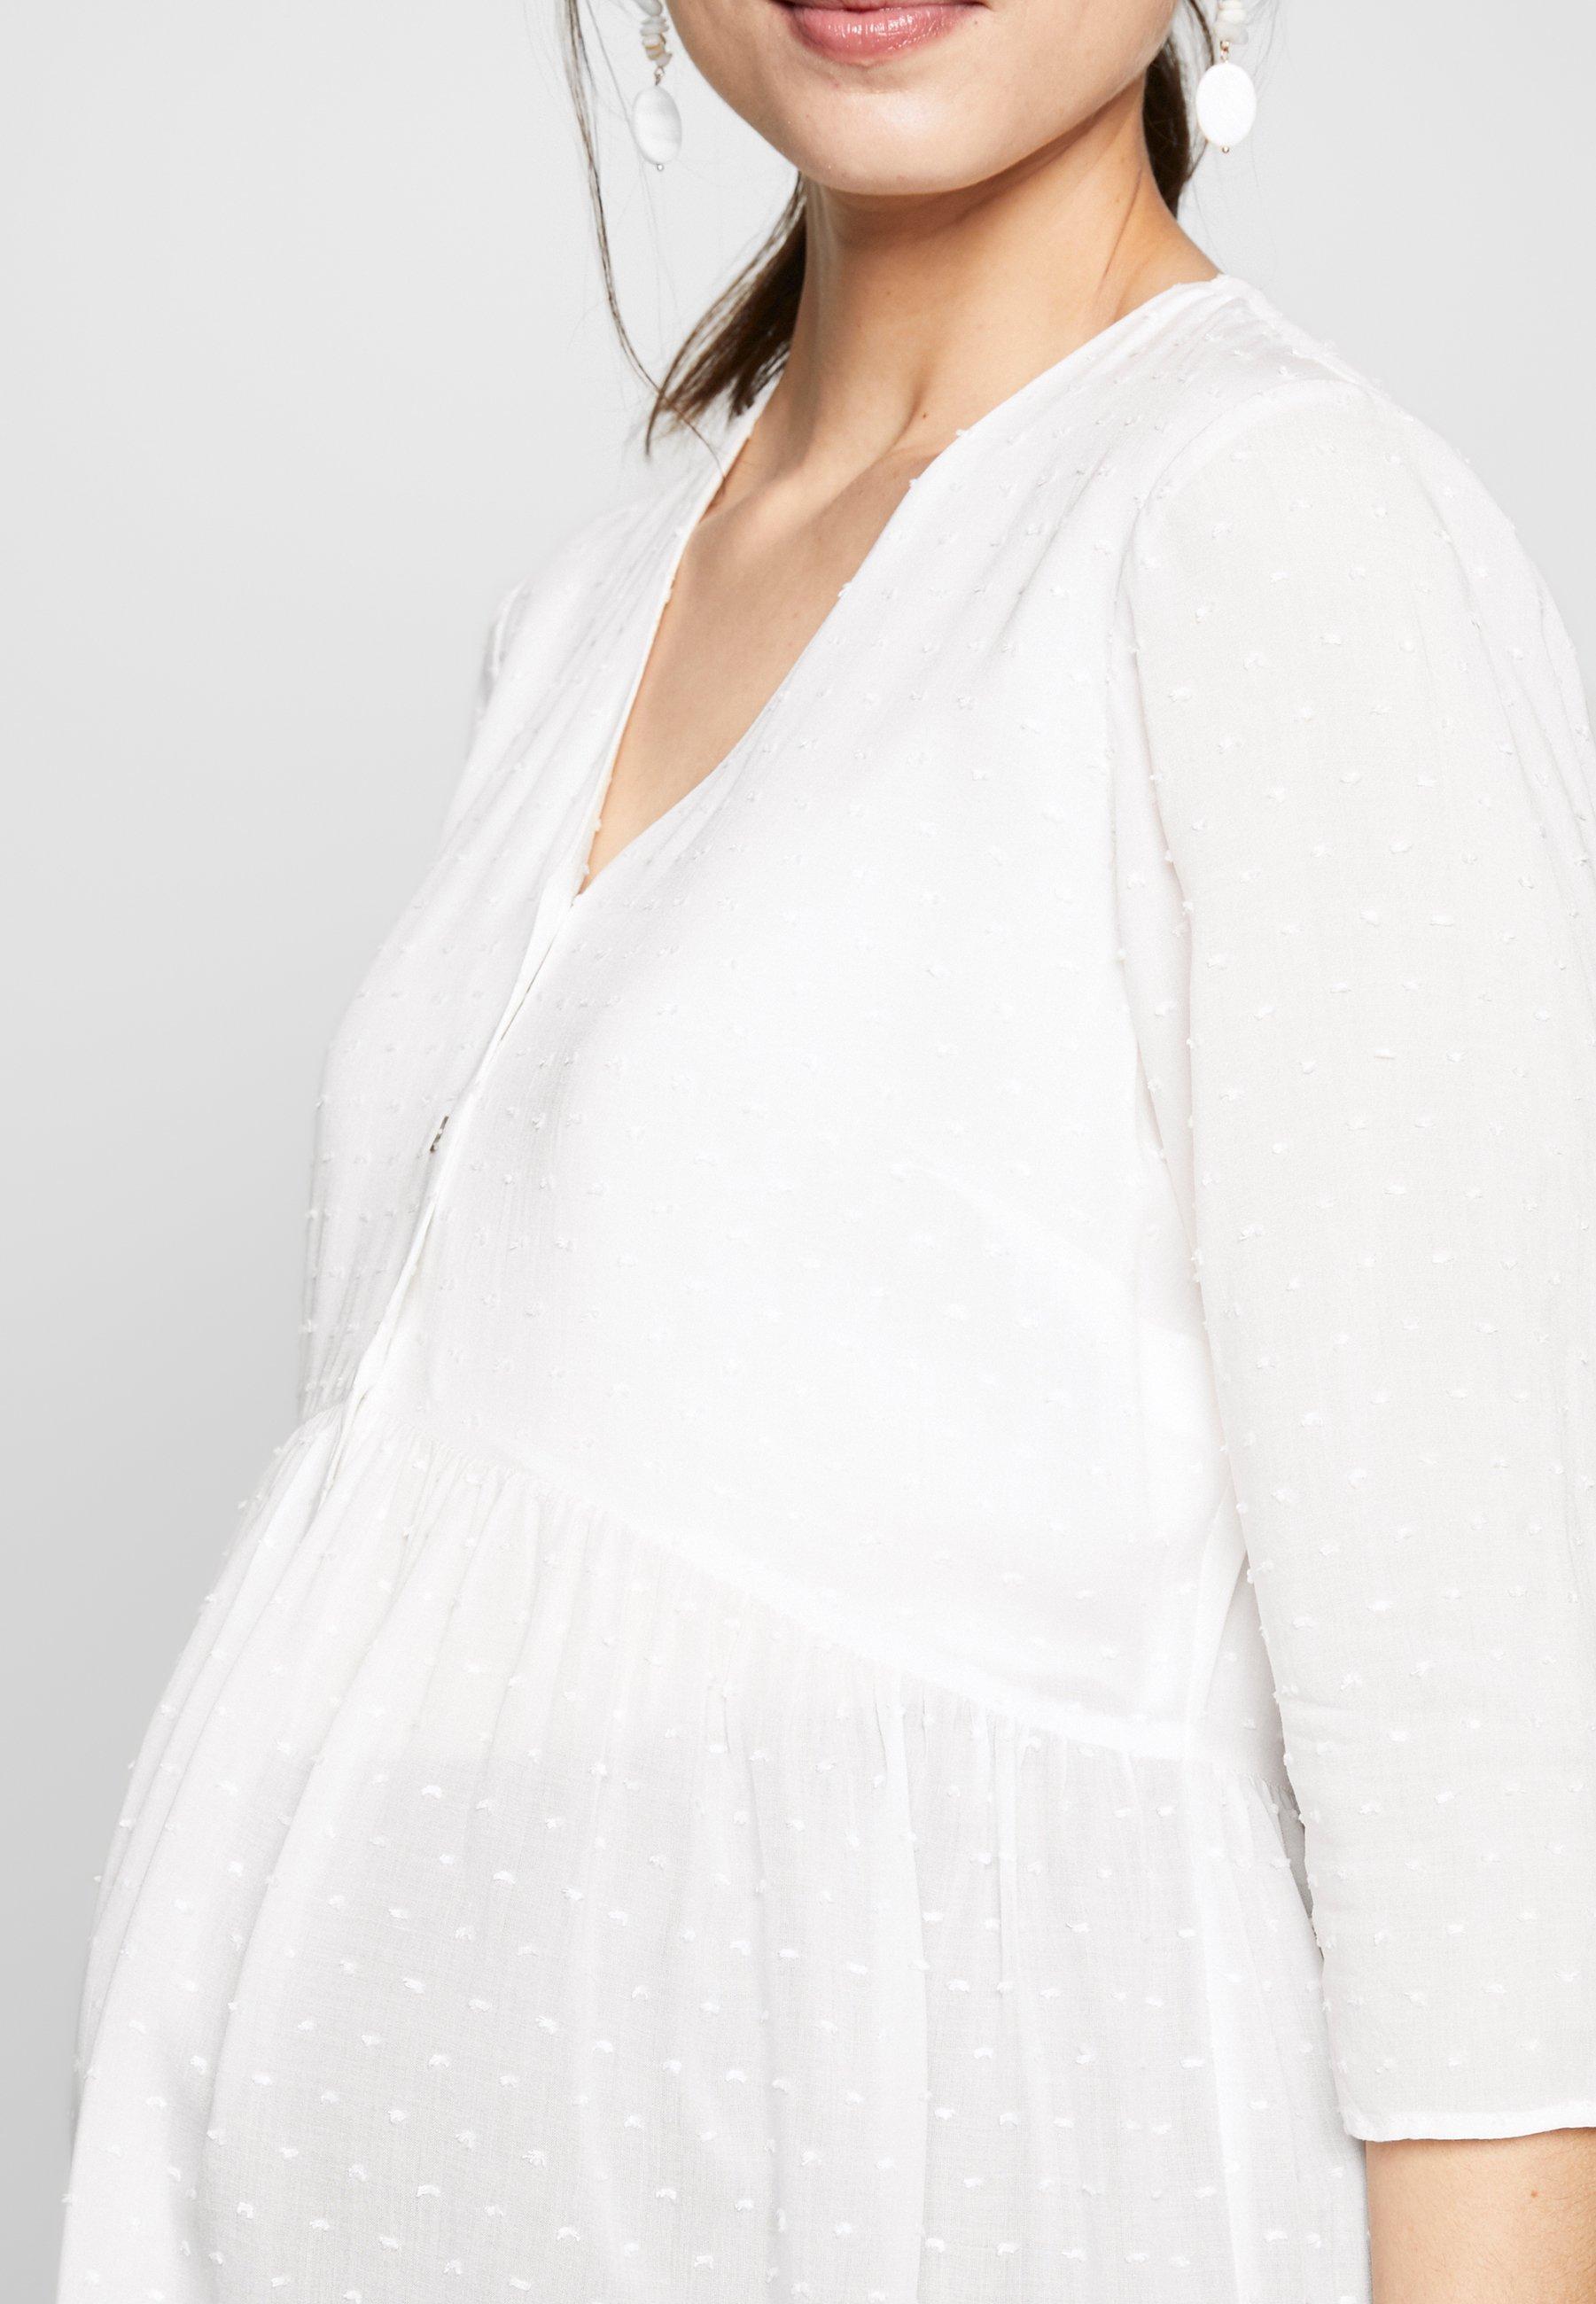 Femme MAGNOLIA V NECK BUTTON FRONT BLOUSE - Tunique